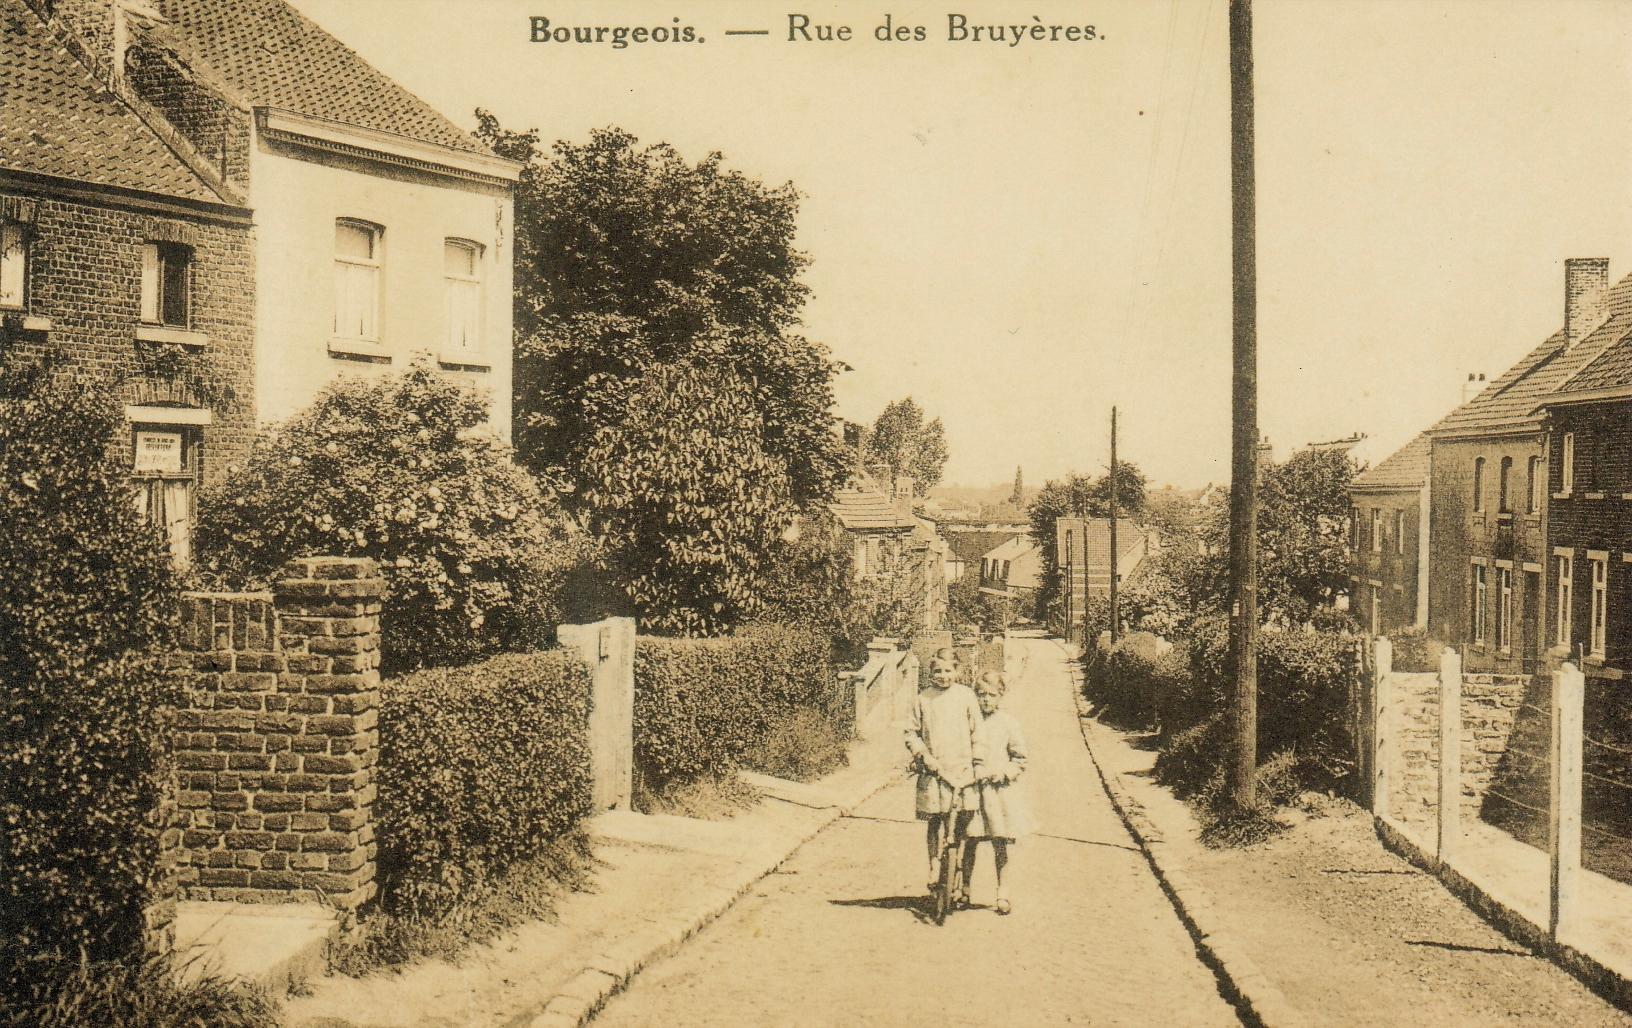 Rue des Bruyères à Bourgeois c Anne-Marie Delvaux